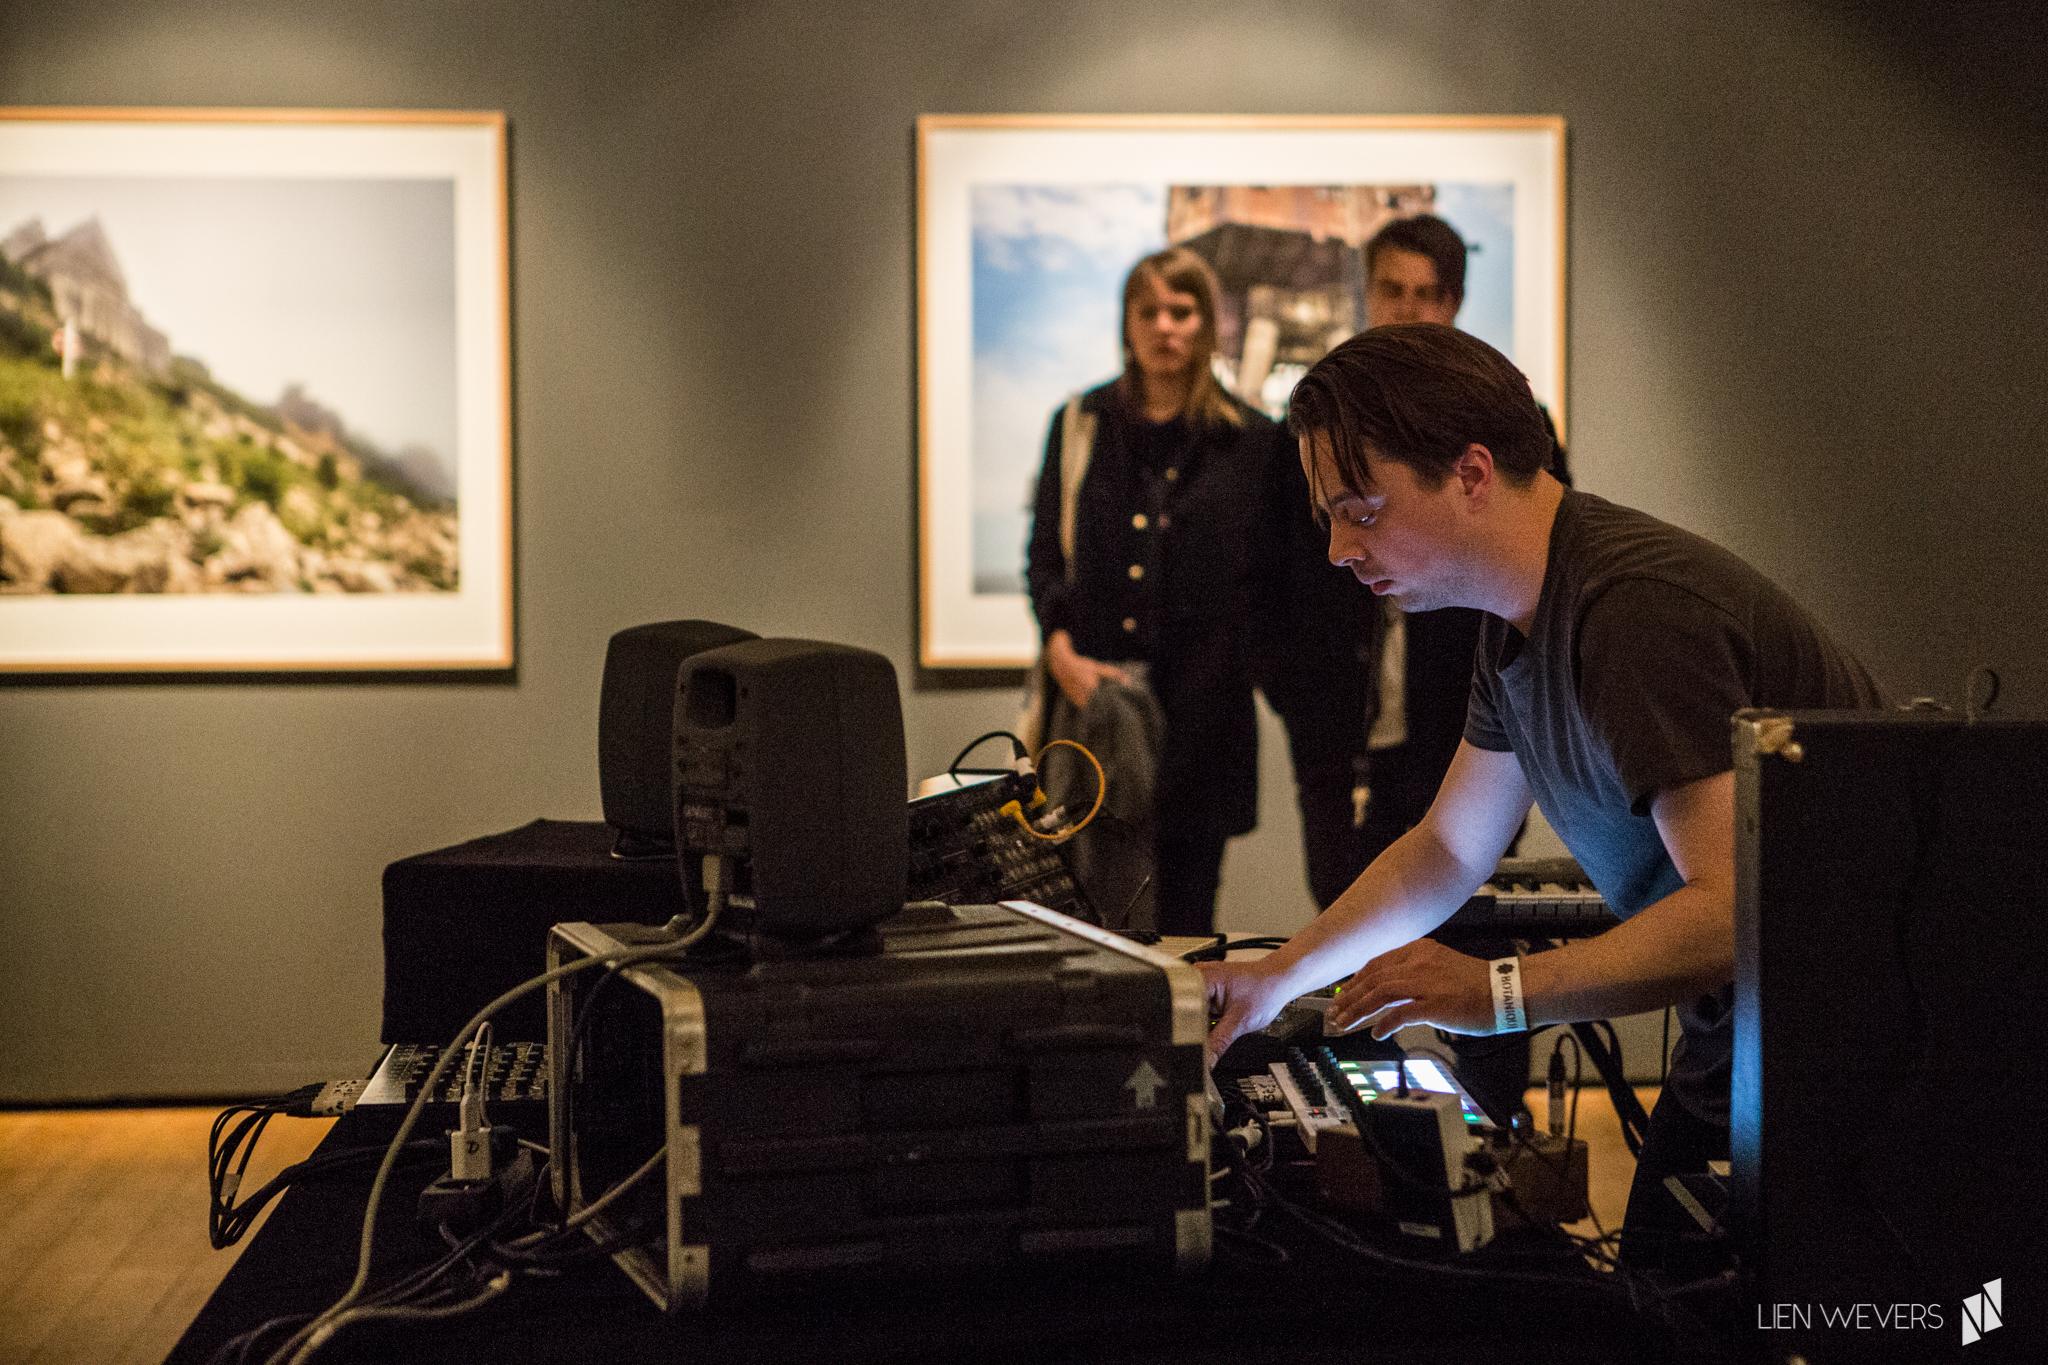 Expo 'Higher Ground' by Carl de Keyzer - music by Dave Martijn_Lien Wevers fotograaf_5.jpg